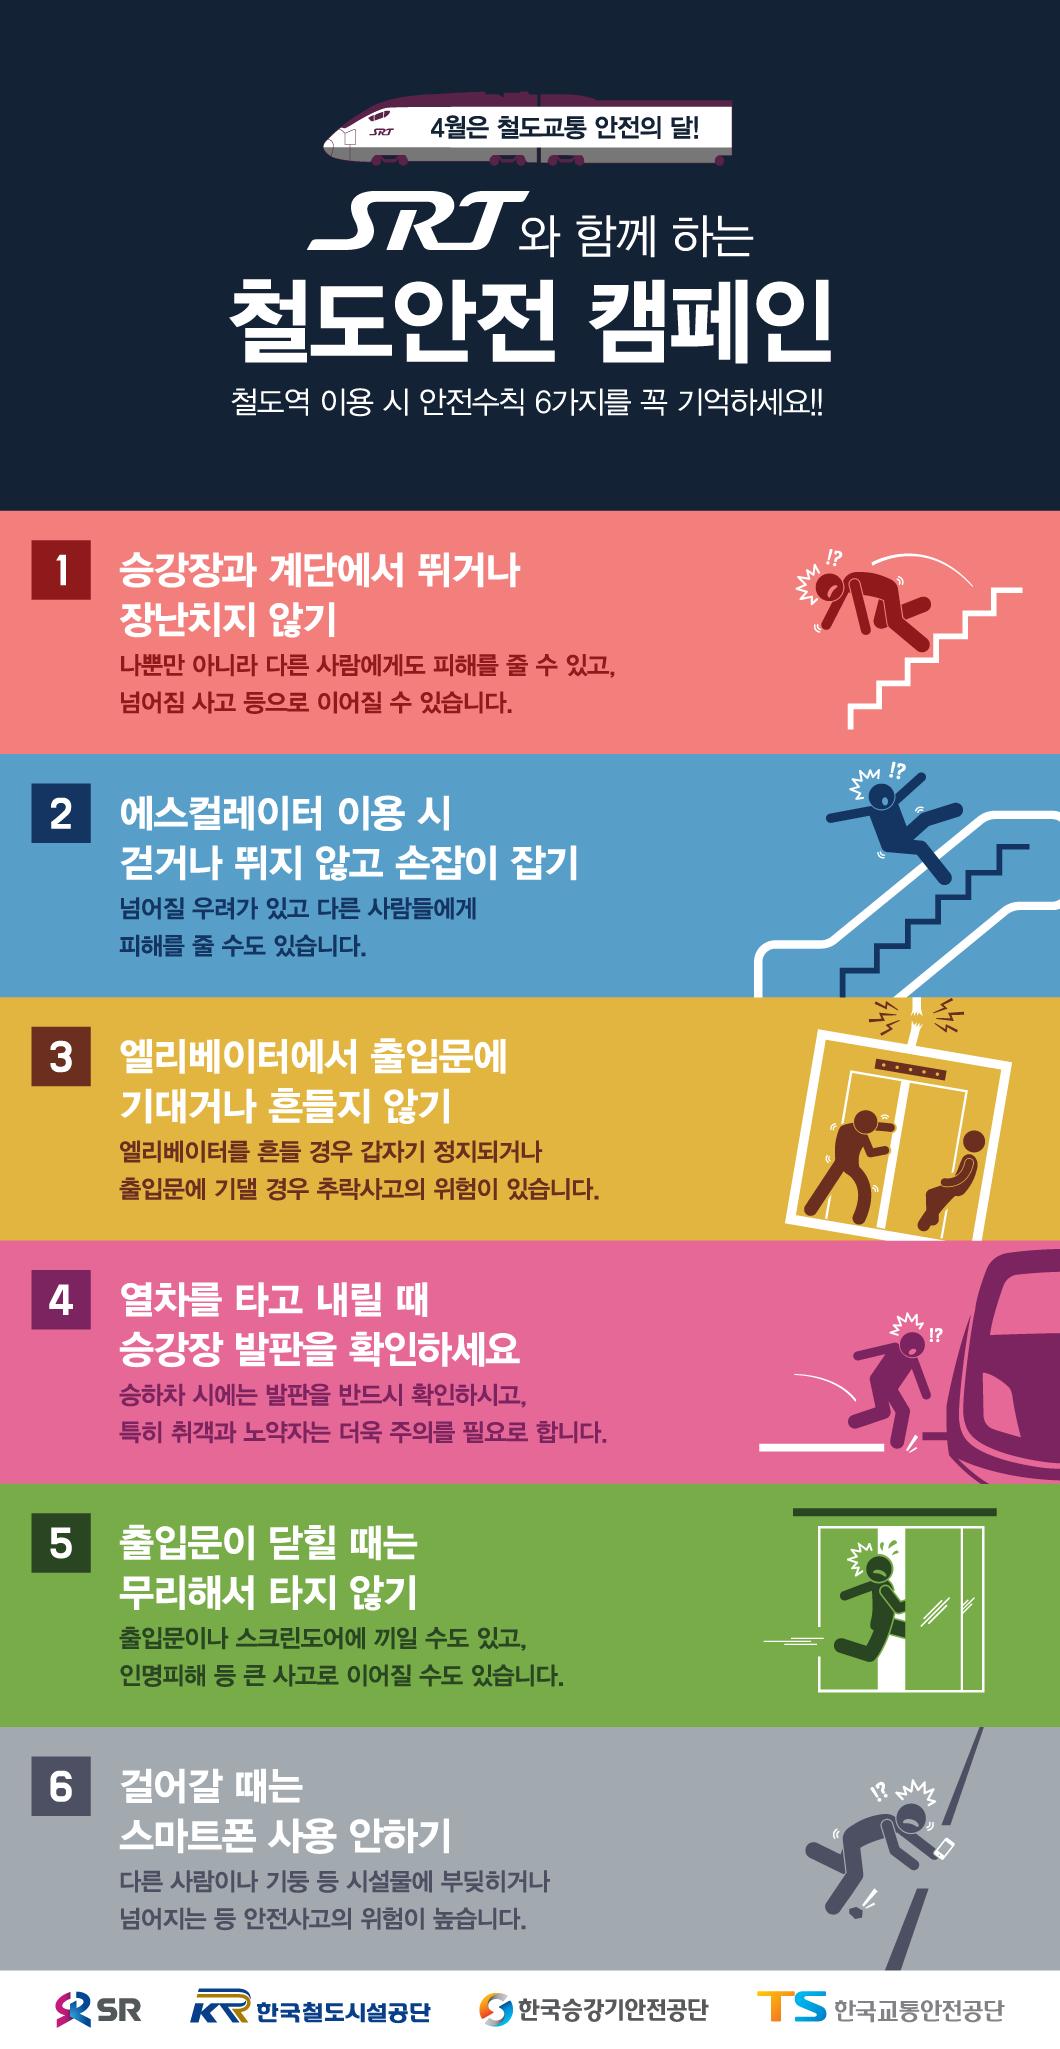 4월은 철도교통 안전의 달! SRT 와 함께 하는 철도안전 캠페인 철도역 이용 시 안전수칙 6가지를 꼭 기억하세요!! 1.승강장과 계단에서 뛰거나 장난치지 않기 - 나뿐만 아니라 다른 사람에게도 피해를 줄 수 있고, 넘어짐 사고 등으로 이어질 수 있습니다. 2. 에스컬레이터 이용 시 걷거나 뛰지 않고 손잡이 잡기 - 넘어질 우려가 있고 다른 사람들에게 피해를 줄 수도 있습니다. 3.엘리베이터에서 출입문에 기대거나 흔들지 않기 - 엘리베이터를 흔들 경우 갑자기 정지되거나 출입문에 기댈 경우 추락사고의 위험이 있습니다. 4. 열차를 타고 내릴 때 승강장 발판을 확인하세요 - 승하차 시에는 발판을 반드시 확인하시고, 특히 취객과 노약자는 더욱 주의를 필요로 합니다. 5. 출입문이 닫힐 때는 무리해서 타지 않기 - 출입문이나 스크린도어에 끼일 수도 있고, 인명피해 등 큰 사고로 이어질 수도 있습니다. 6. 걸어갈 때는 스마트폰 사용 안하기 - 다른 사람이나 기둥 등 시설물에 부딪히거나 넘어지는 등 안전사고의 위험이 높습니다. 주식회사 에스알,한국철도시설공단, 한국승강기안전공단, 한국교통안전공단